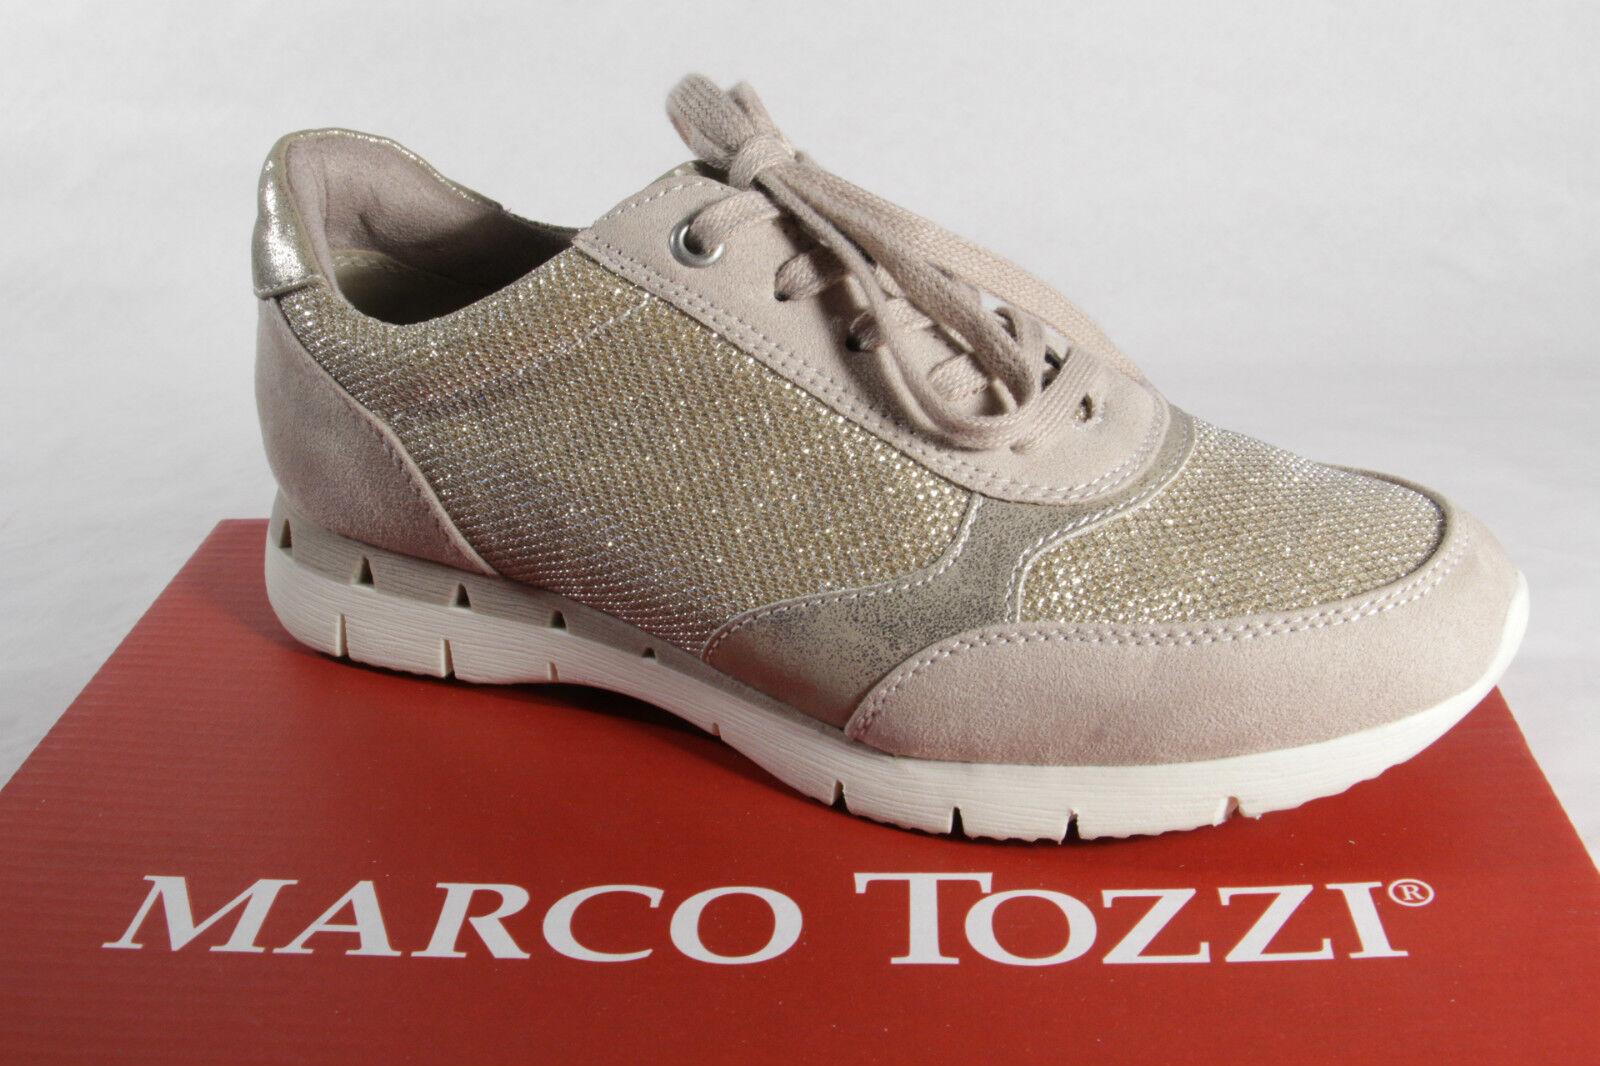 Descuento de la marca Descuento por tiempo limitado Marco Tozzi Zapatos De Cordones Zapatilla de deporte bajas beis NUEVO